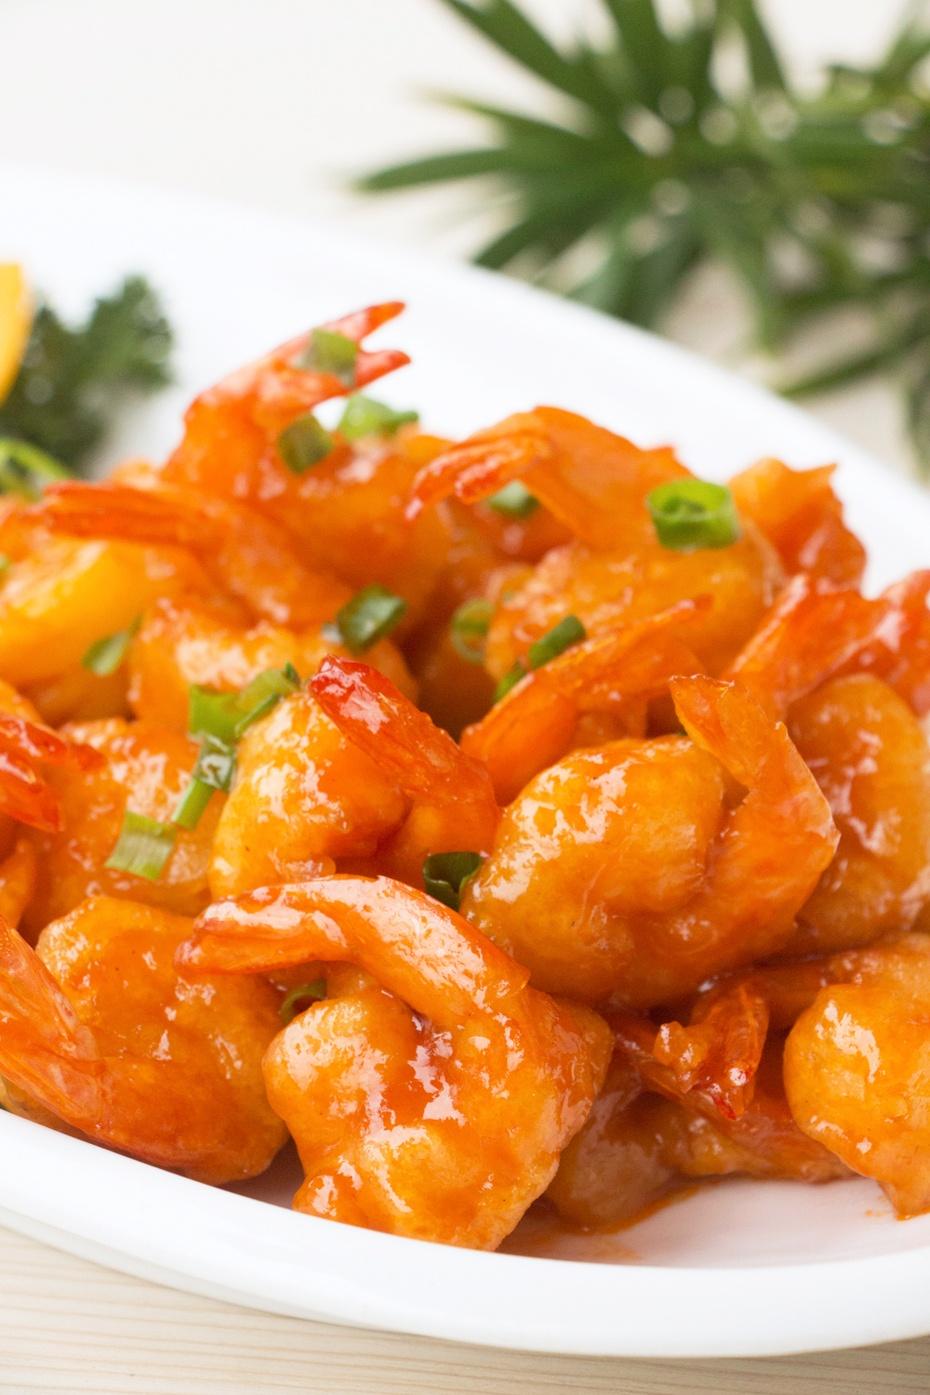 美食美味《菠萝虾尾》 - 慢美食 - 慢美食